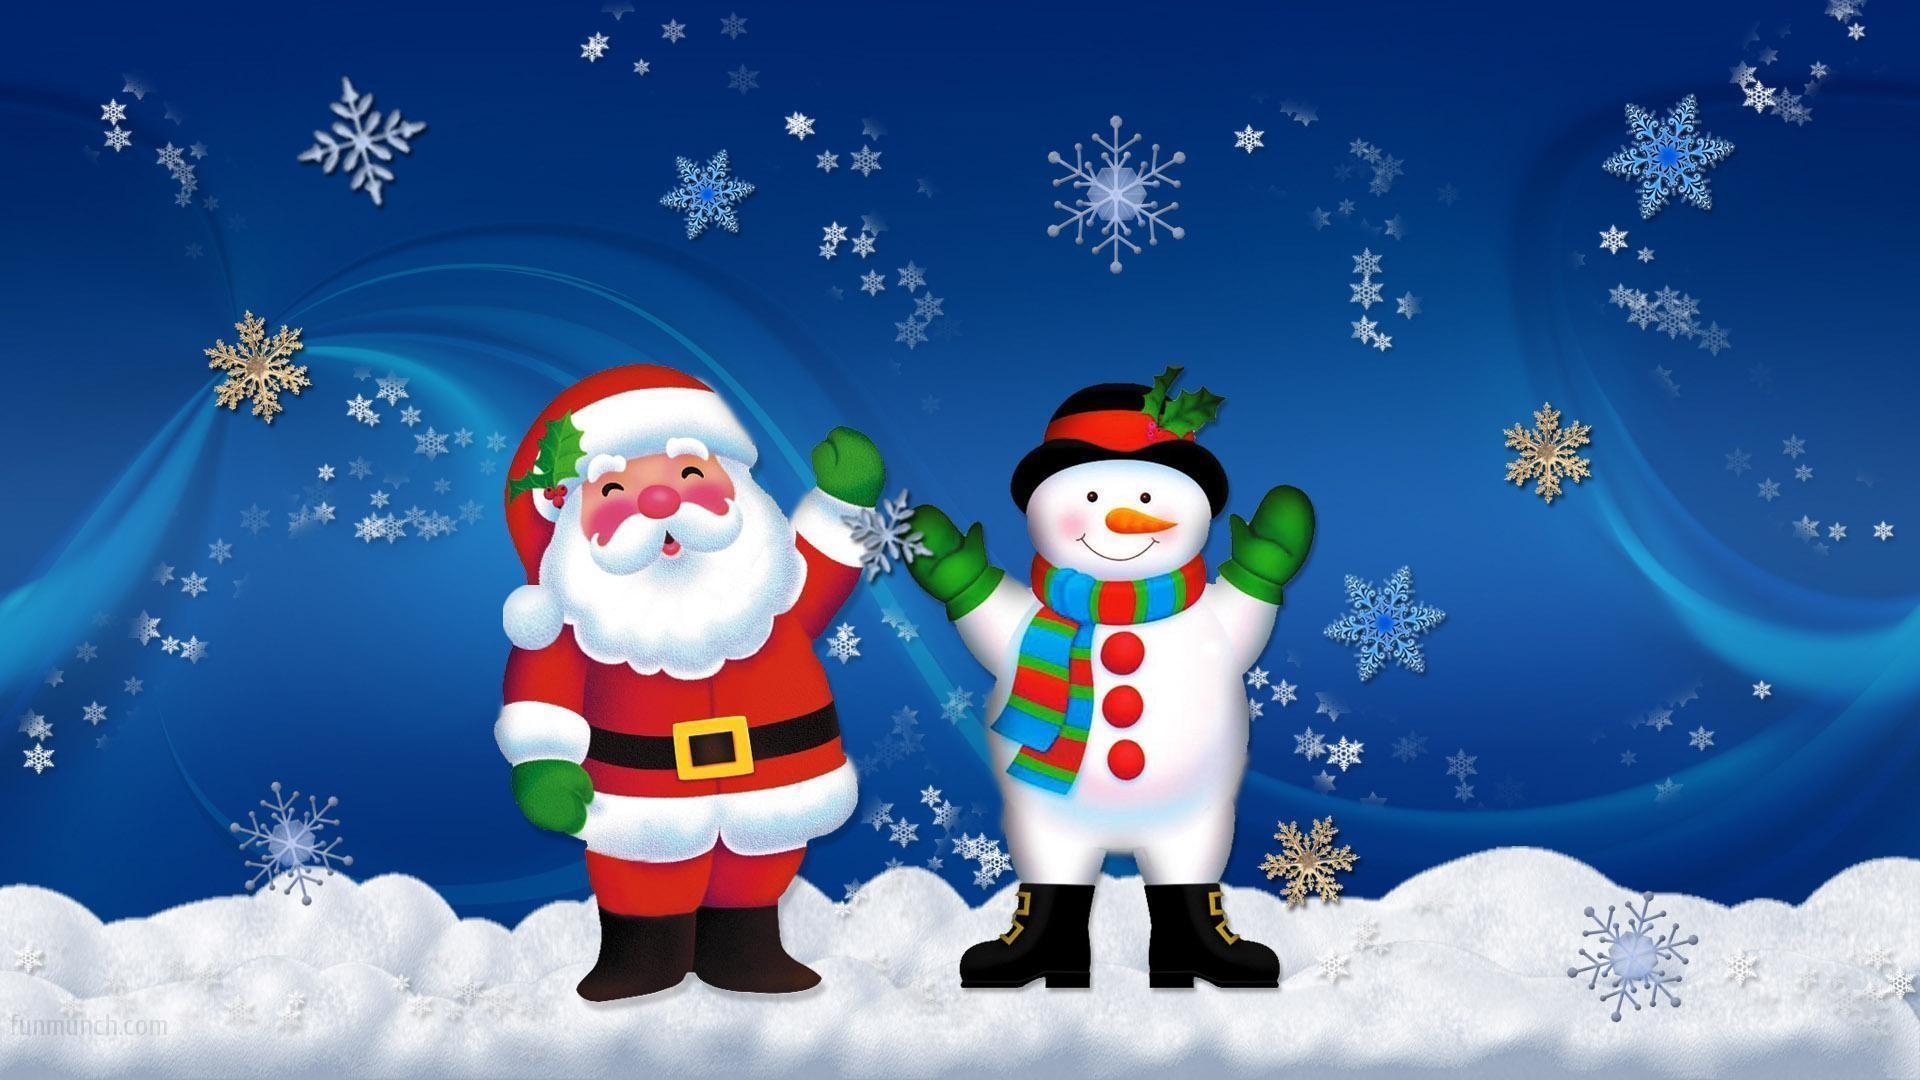 2560x1600 Animated Christmas Wallpapers christmas desktop wallpaper christmas wallpaper free christmas wallpaper free christmas wallpaper backgrounds ...